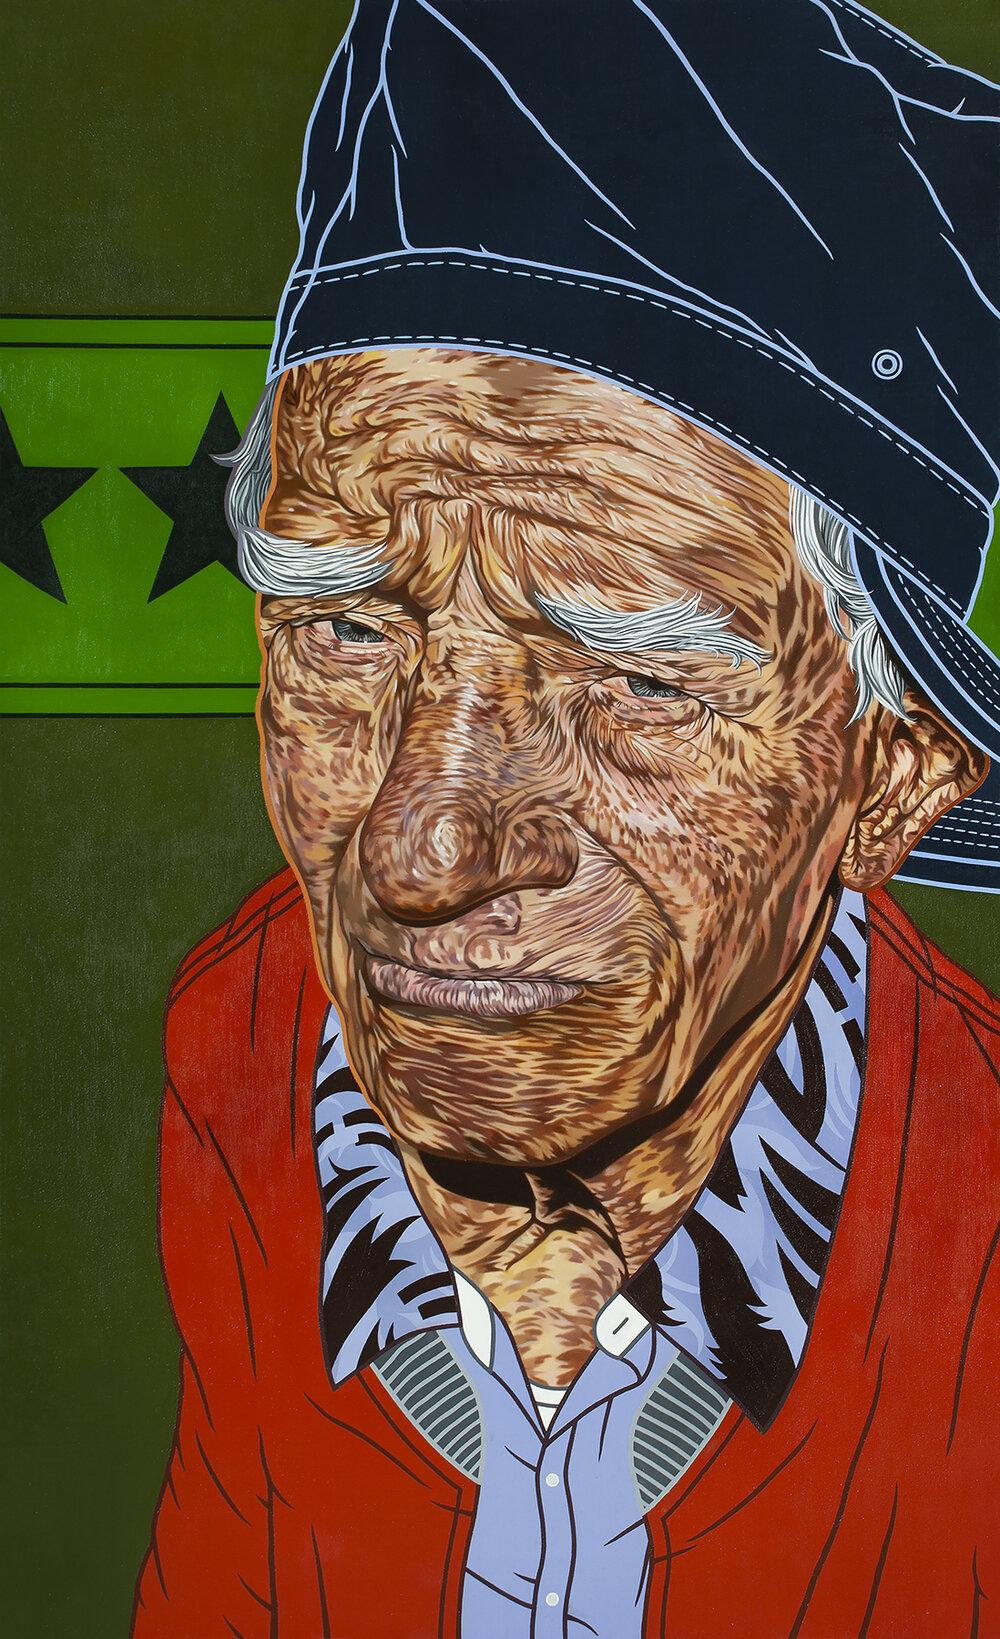 Veteran of the Bulge